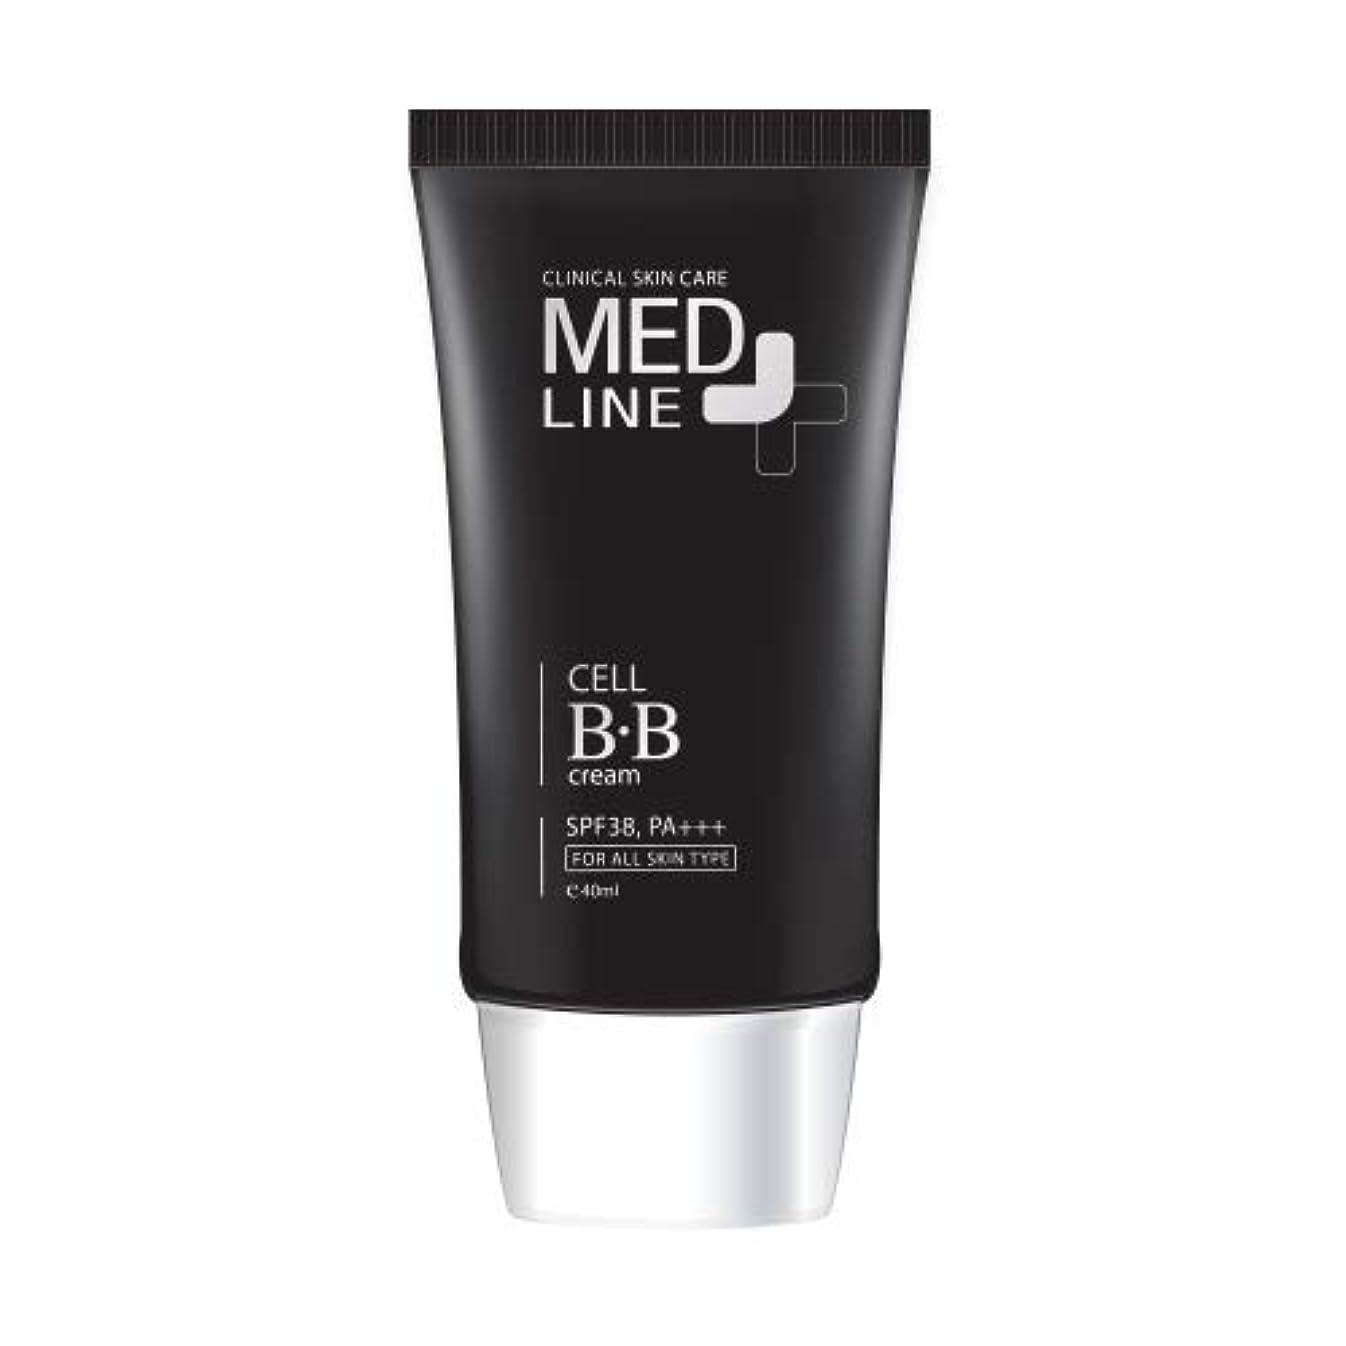 因子より平らなタイルメドライン(Med Line) セルBBクリーム(Cell B.B Cream)